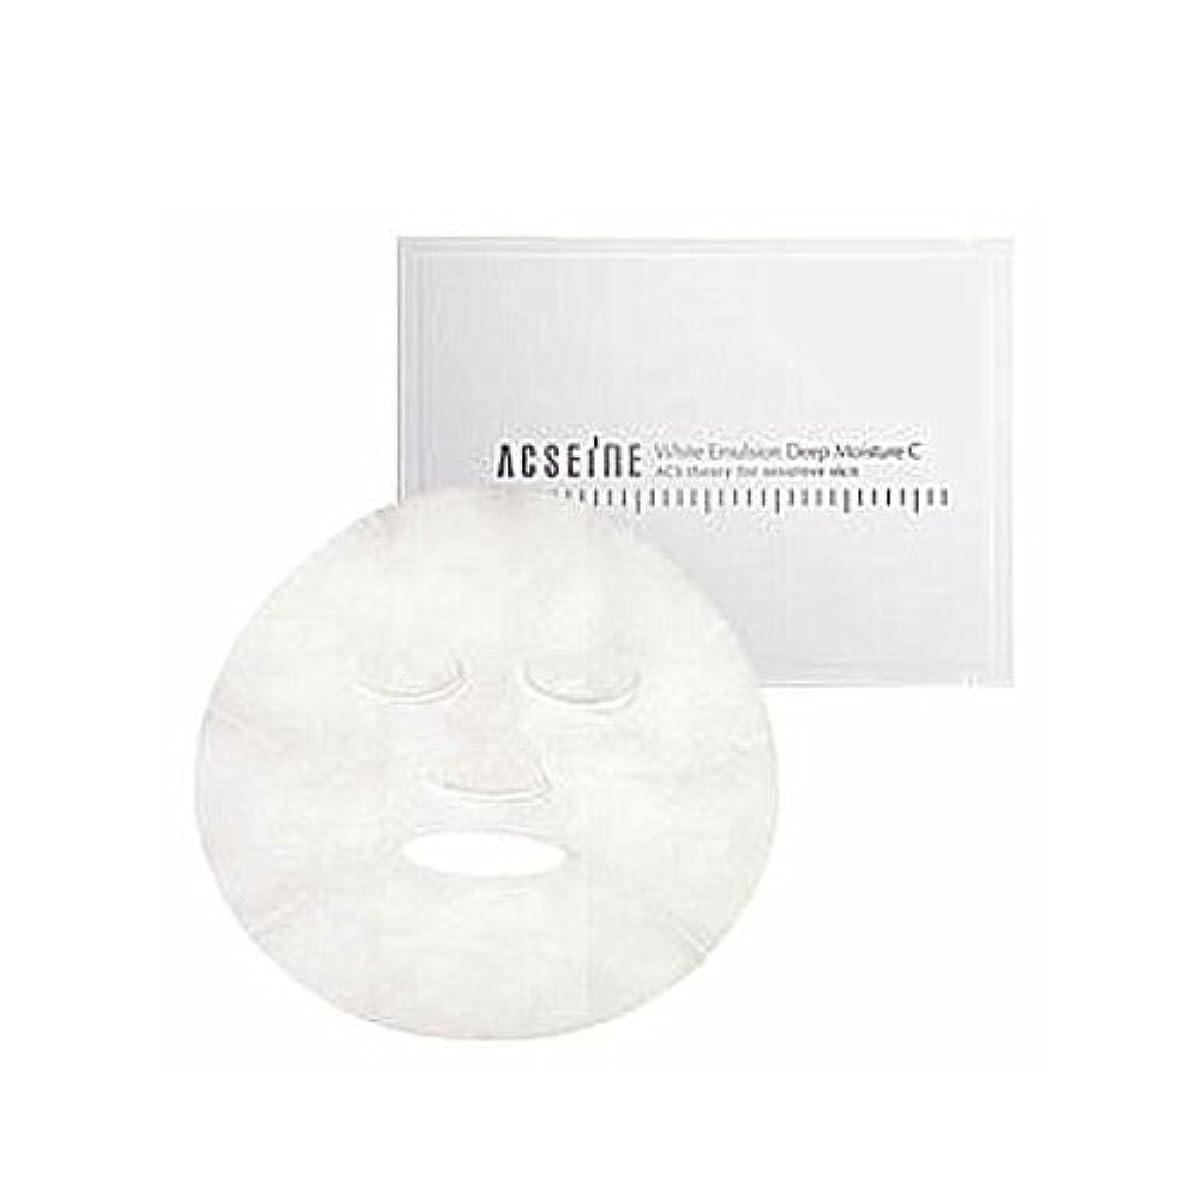 散歩に行く適切な分布アクセーヌ ホワイト エマルジョン ディープ モイスチュア C マスク 22mL×8枚